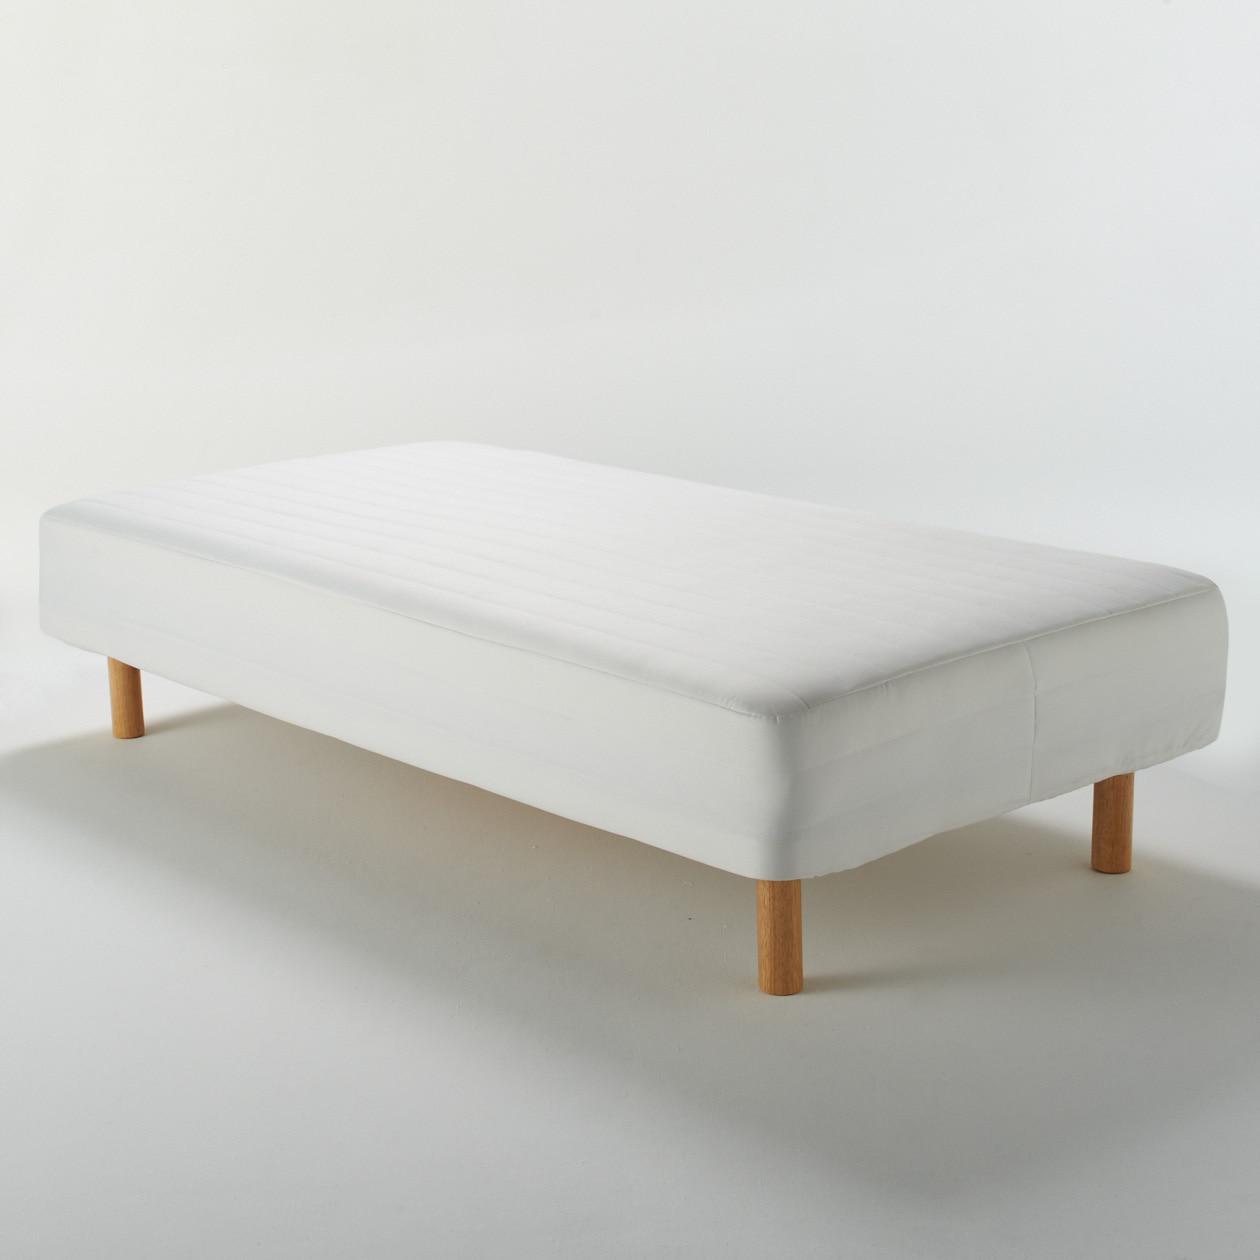 pocket mattress bed frame muji - Muji Bed Frame